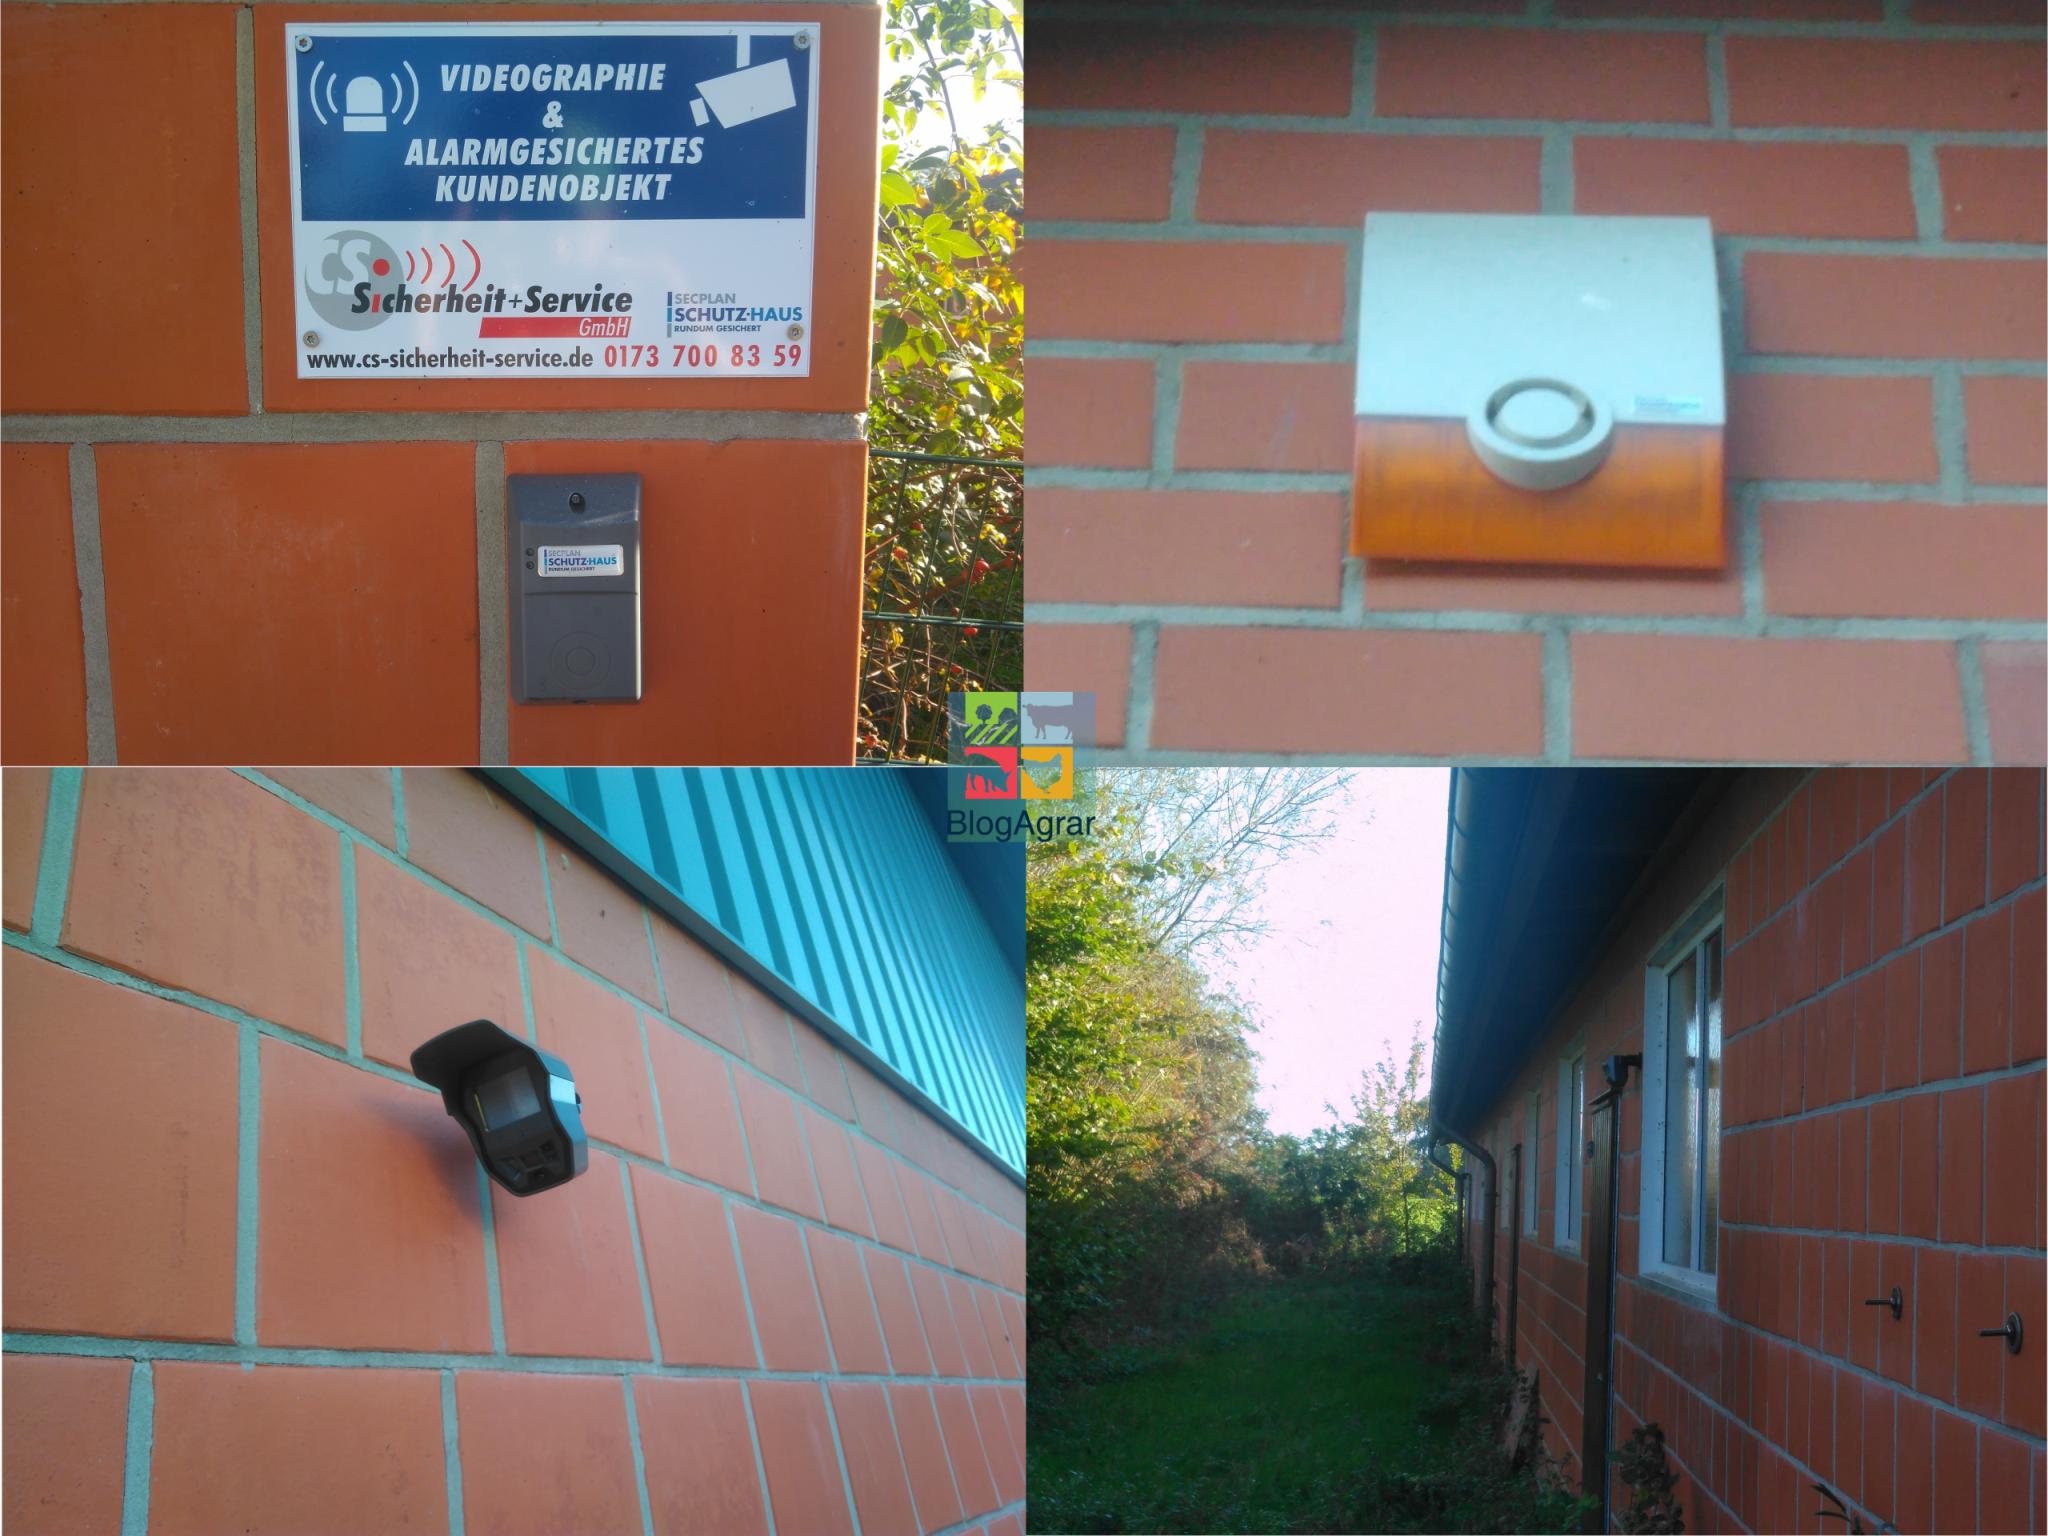 videographie & alarmgesicherter Stall